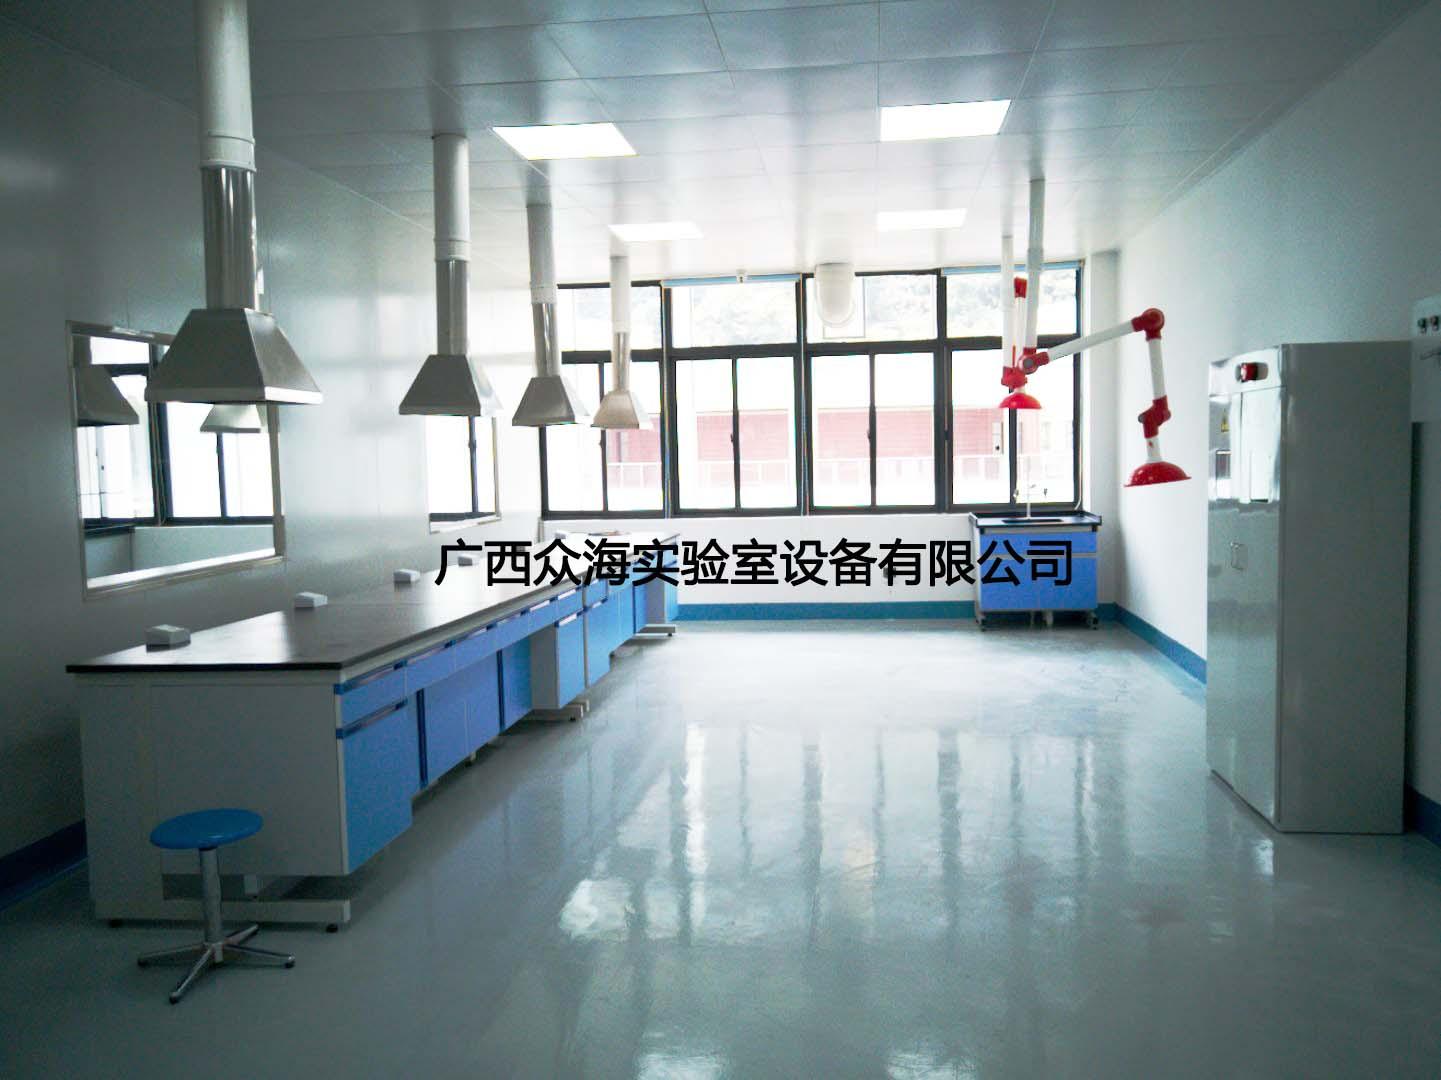 柳州科技大学项目